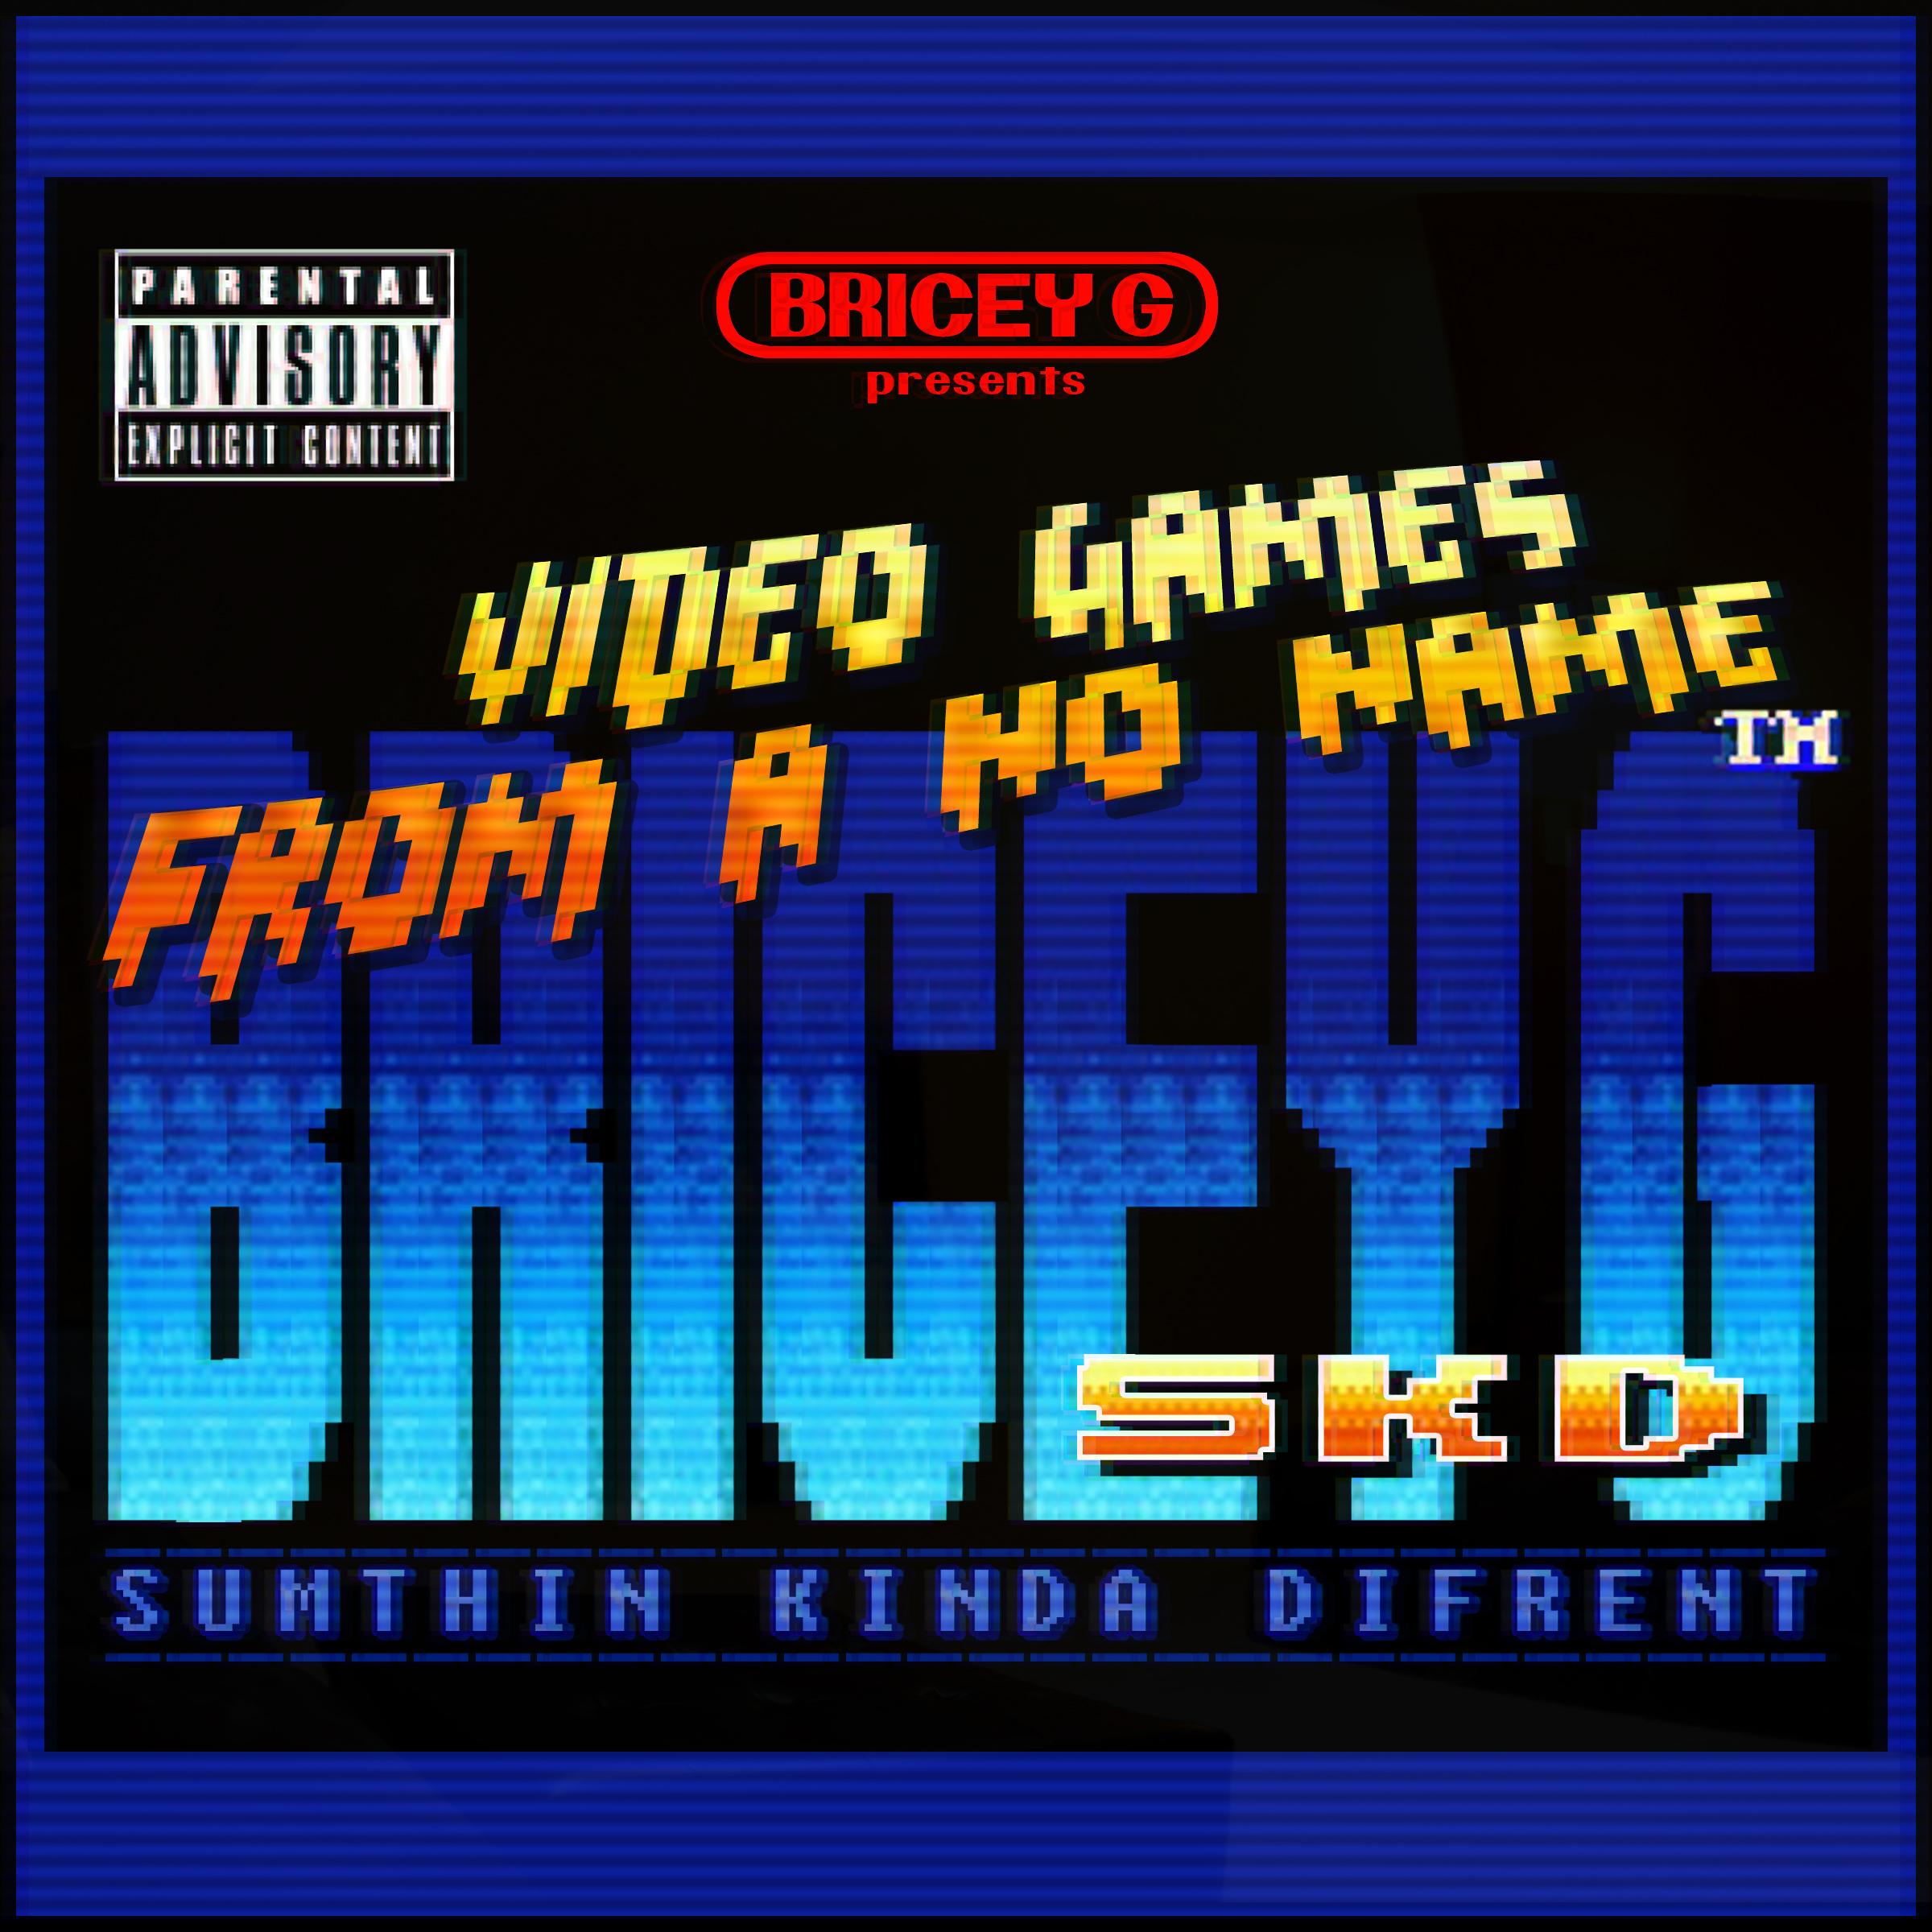 brice album cover copy.jpg